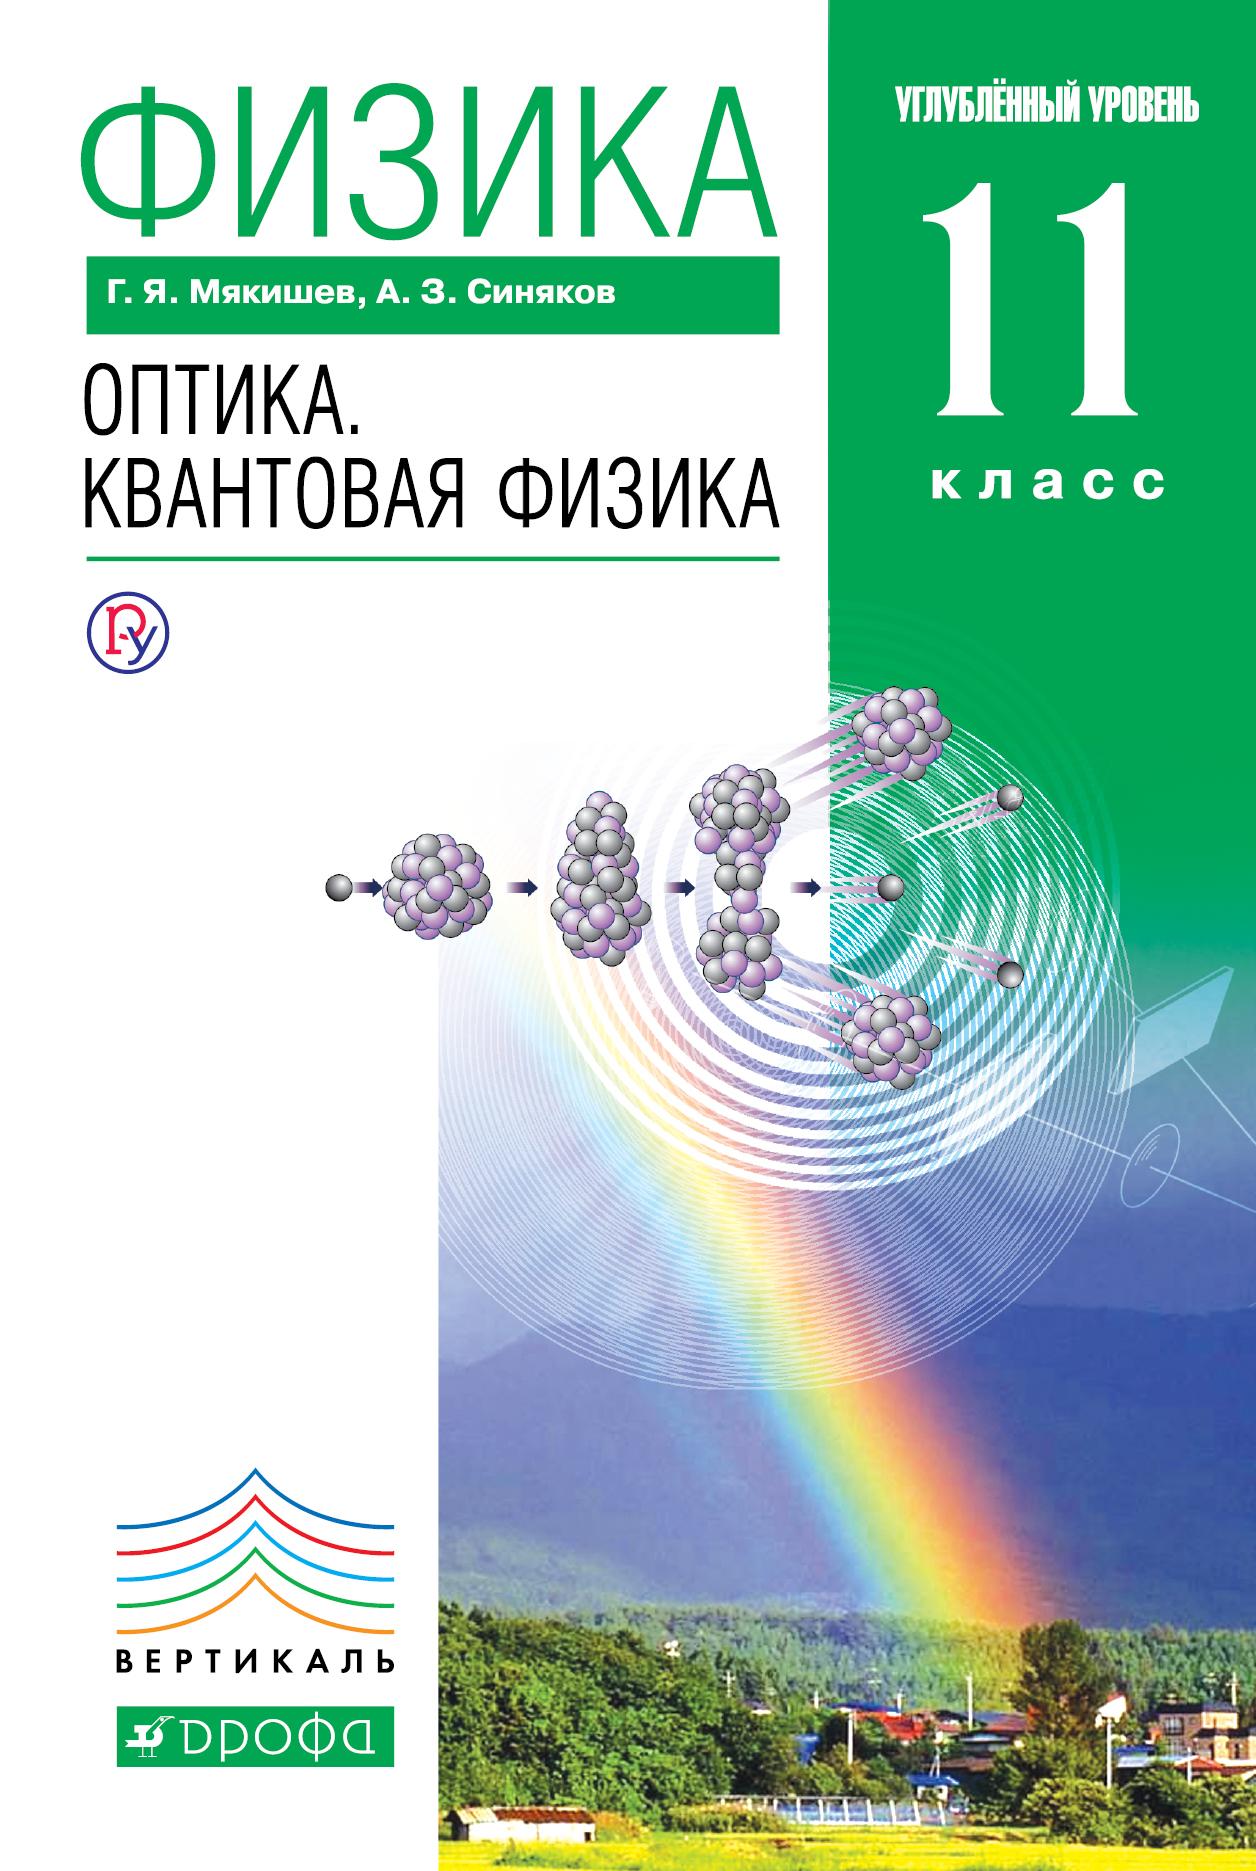 Мякишев Г.Я., Синяков А.З. Физика. Оптика. Квантовая физика. Углубленный уровень. 11 класс. Учебник владимир неволин квантовая физика и нанотехнологии